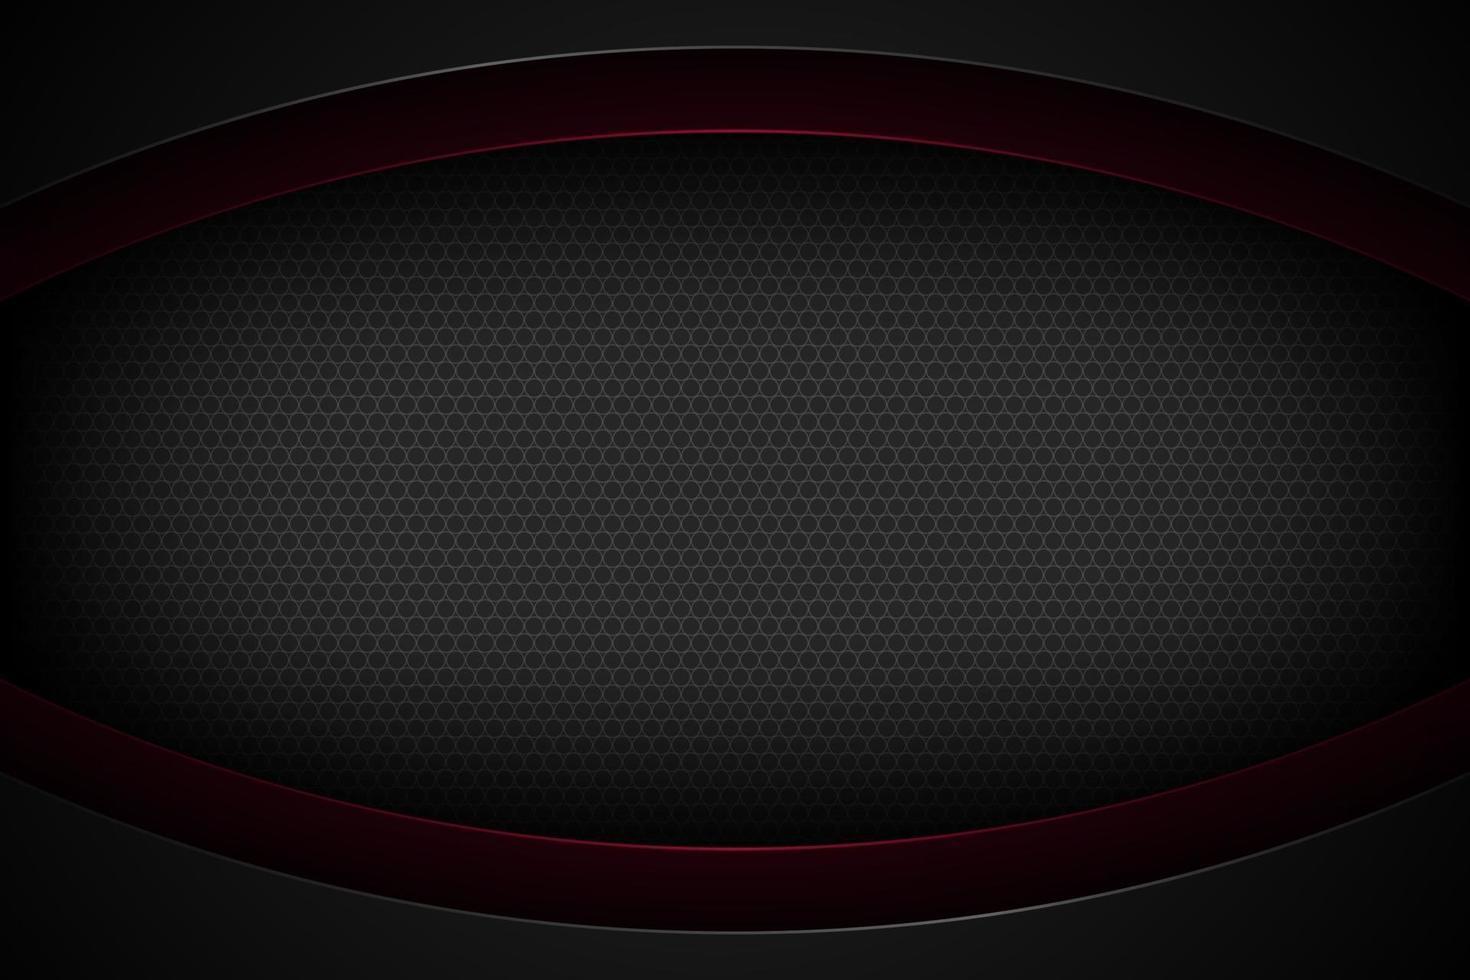 schwarzer abstrakter Vektorhintergrund mit überlappenden Eigenschaften. vektor